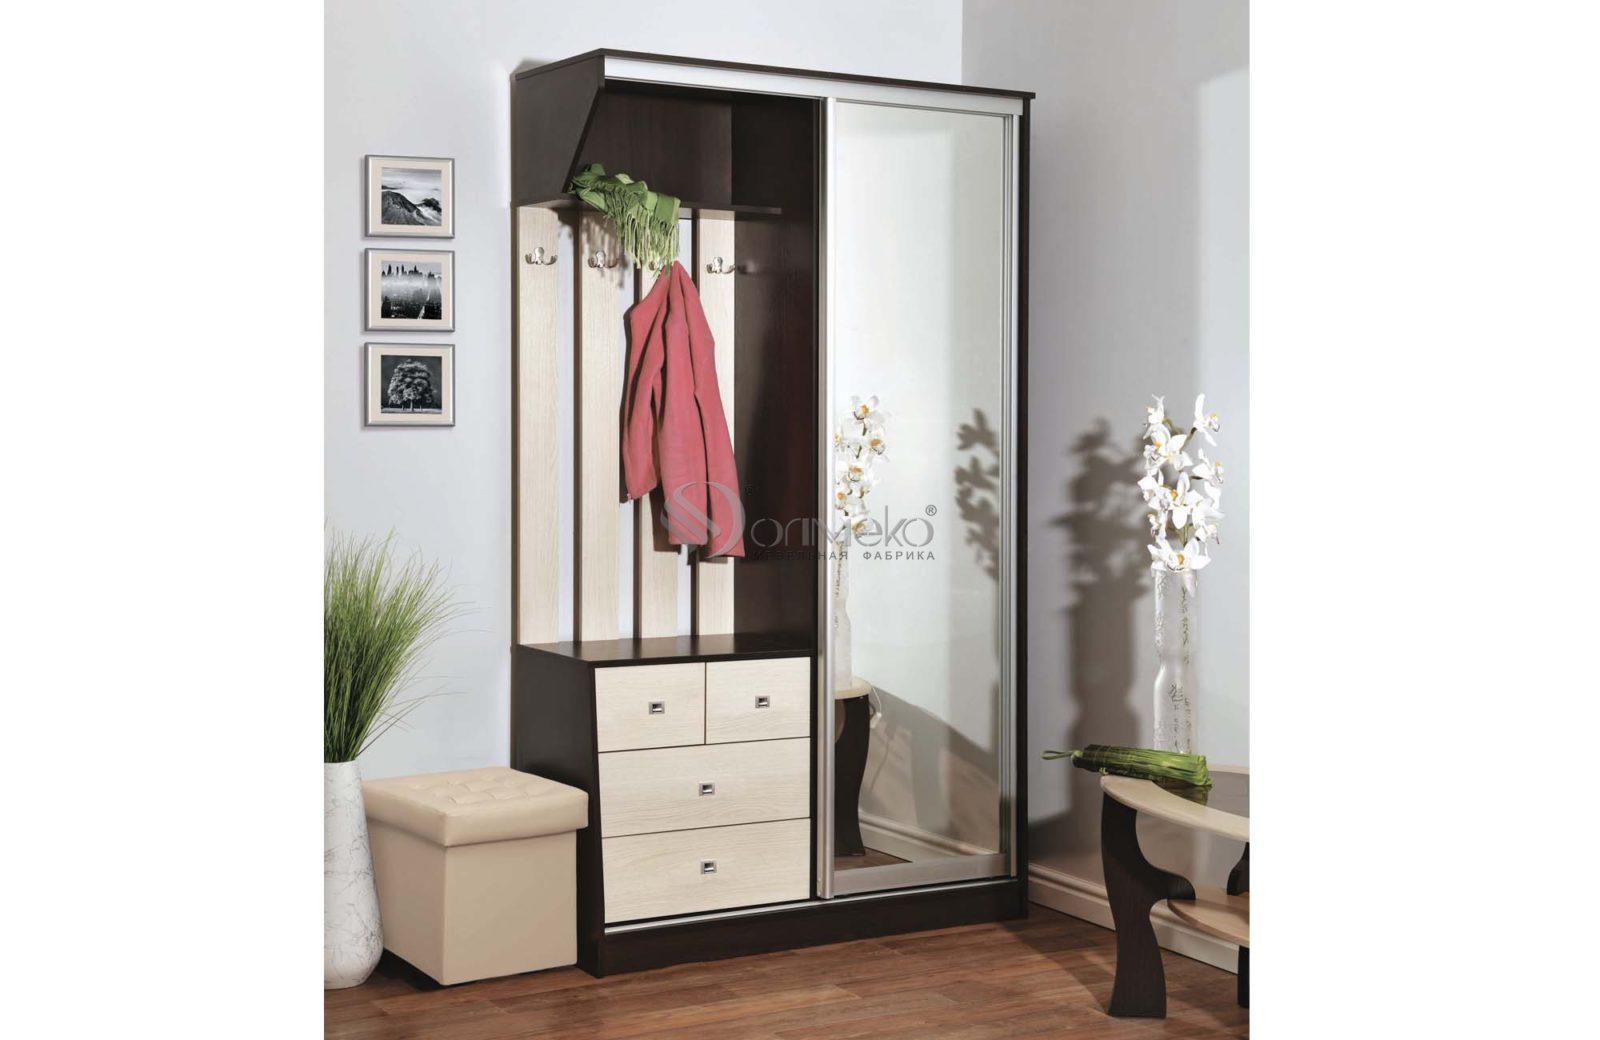 Мебель на заказ по индивидуальным размерам недорого в туле к.